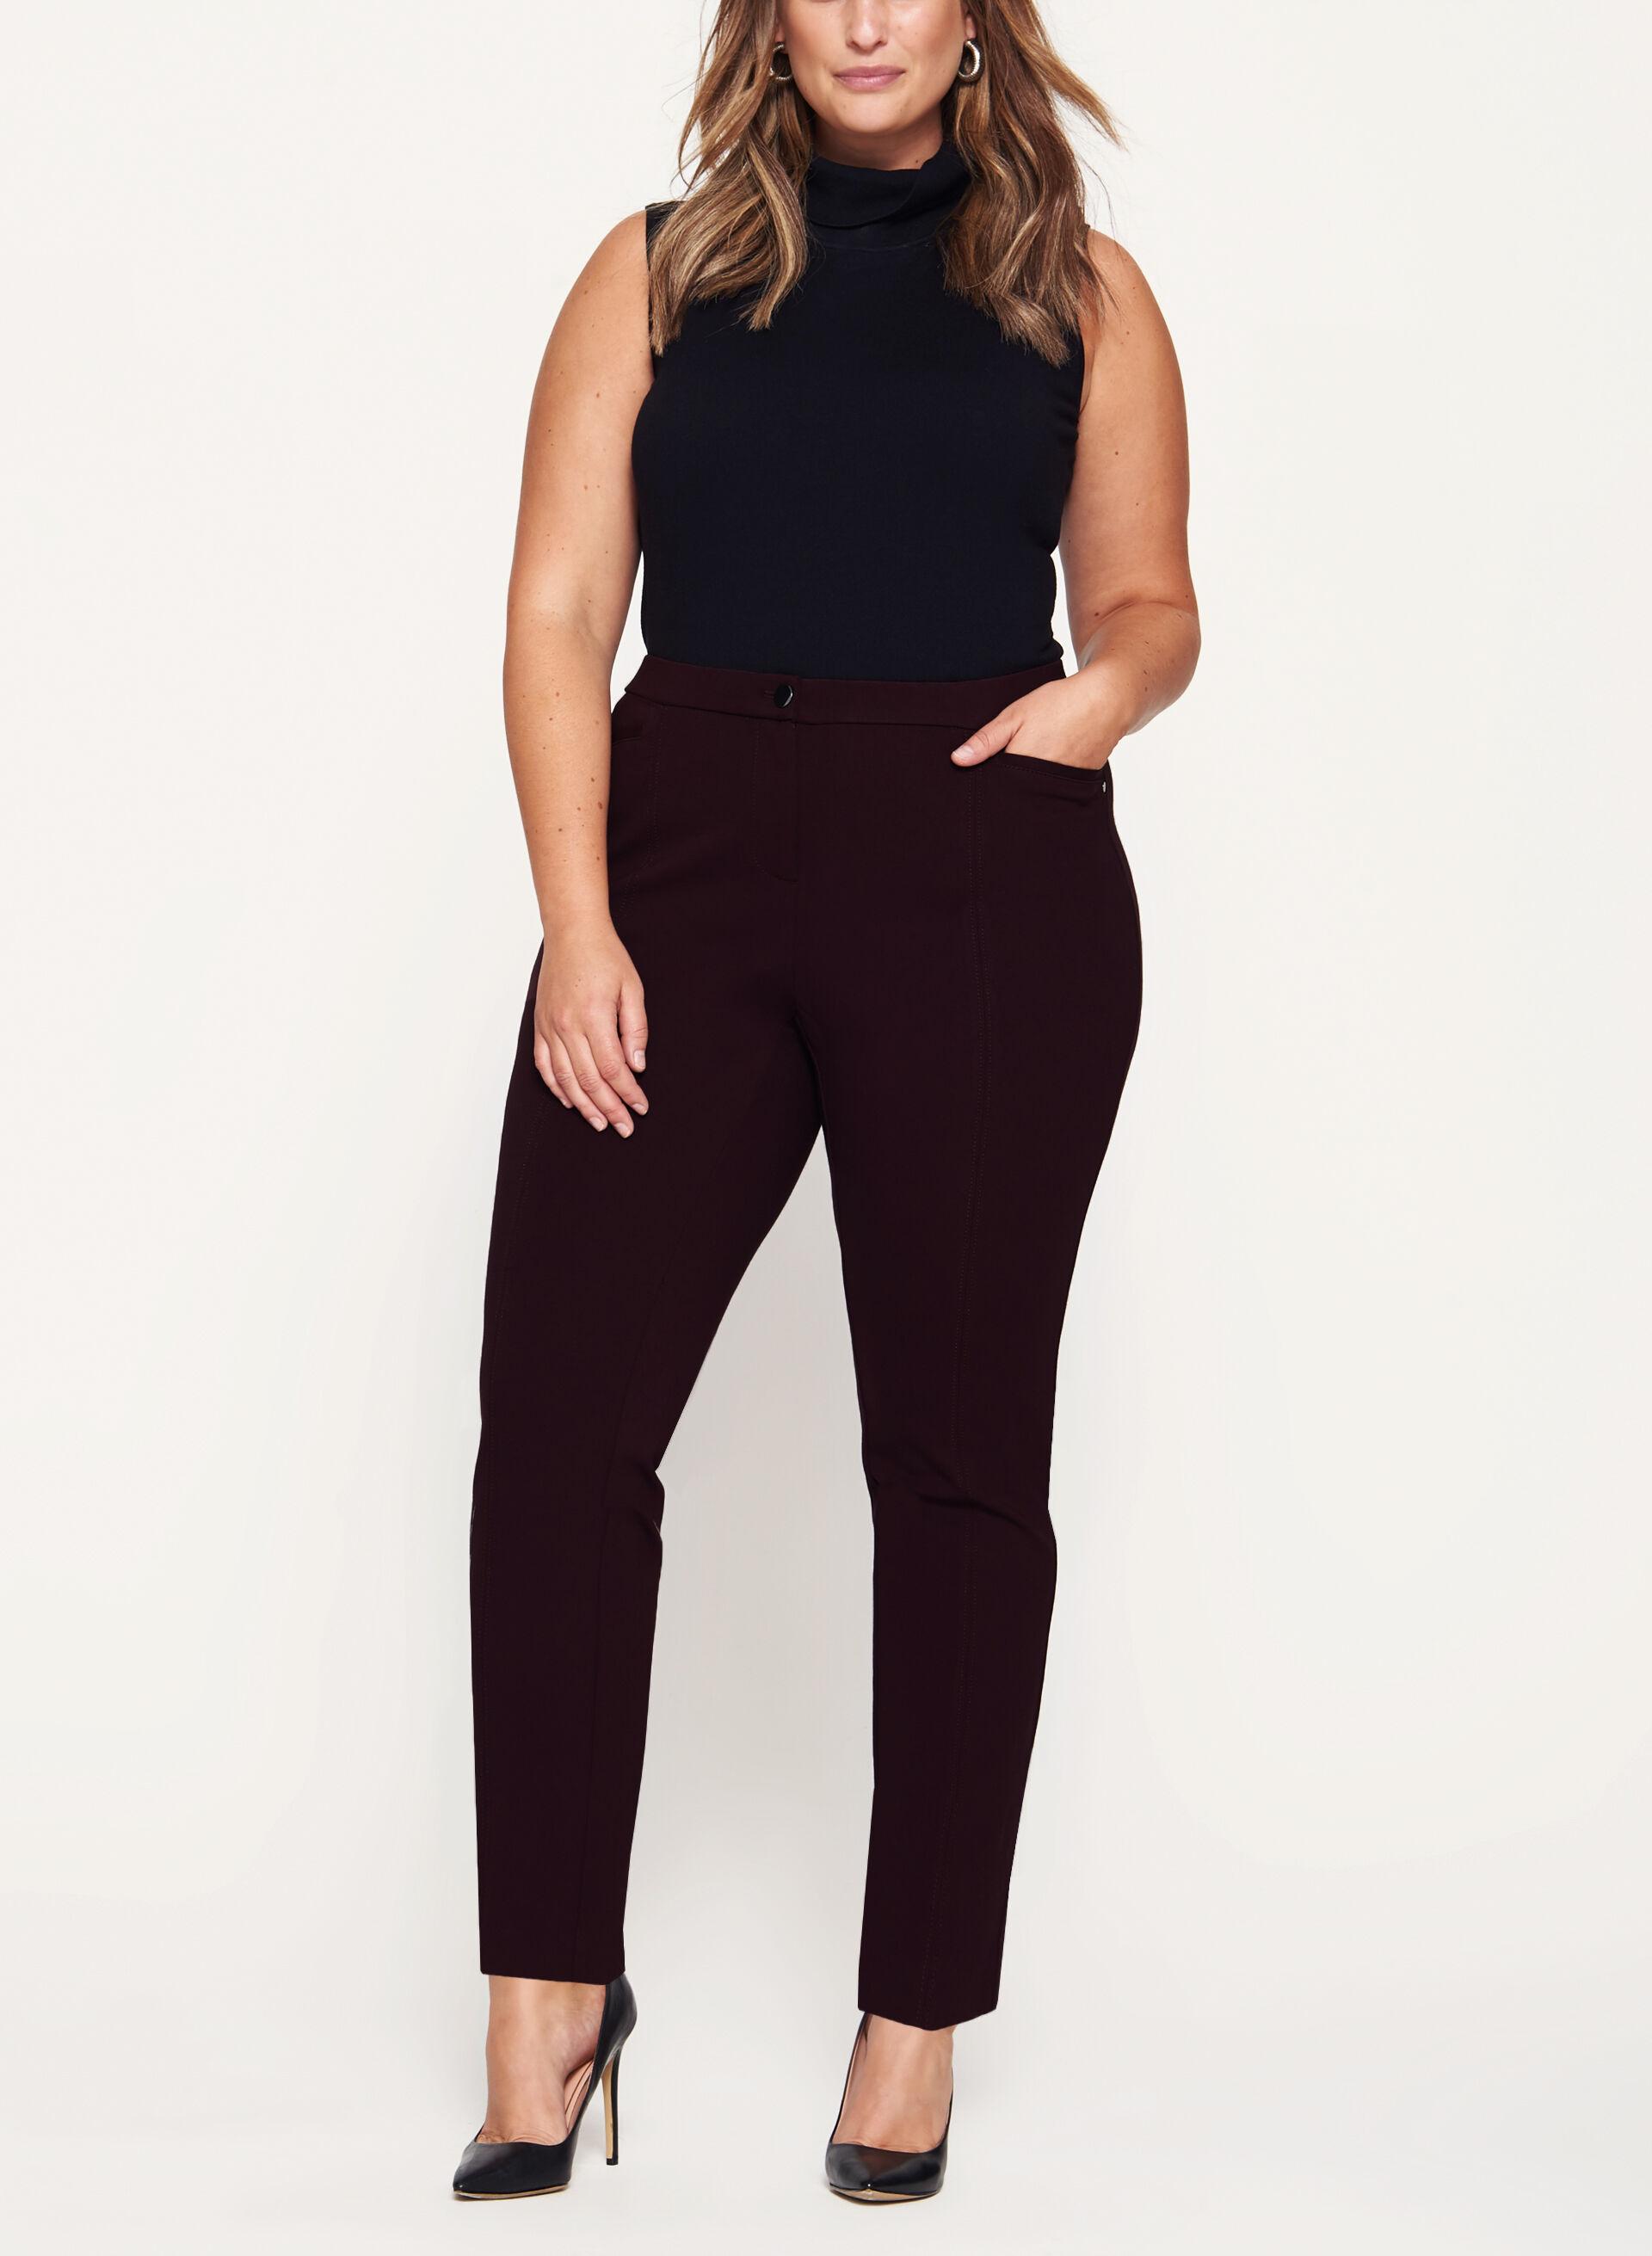 Black dress pants quilt